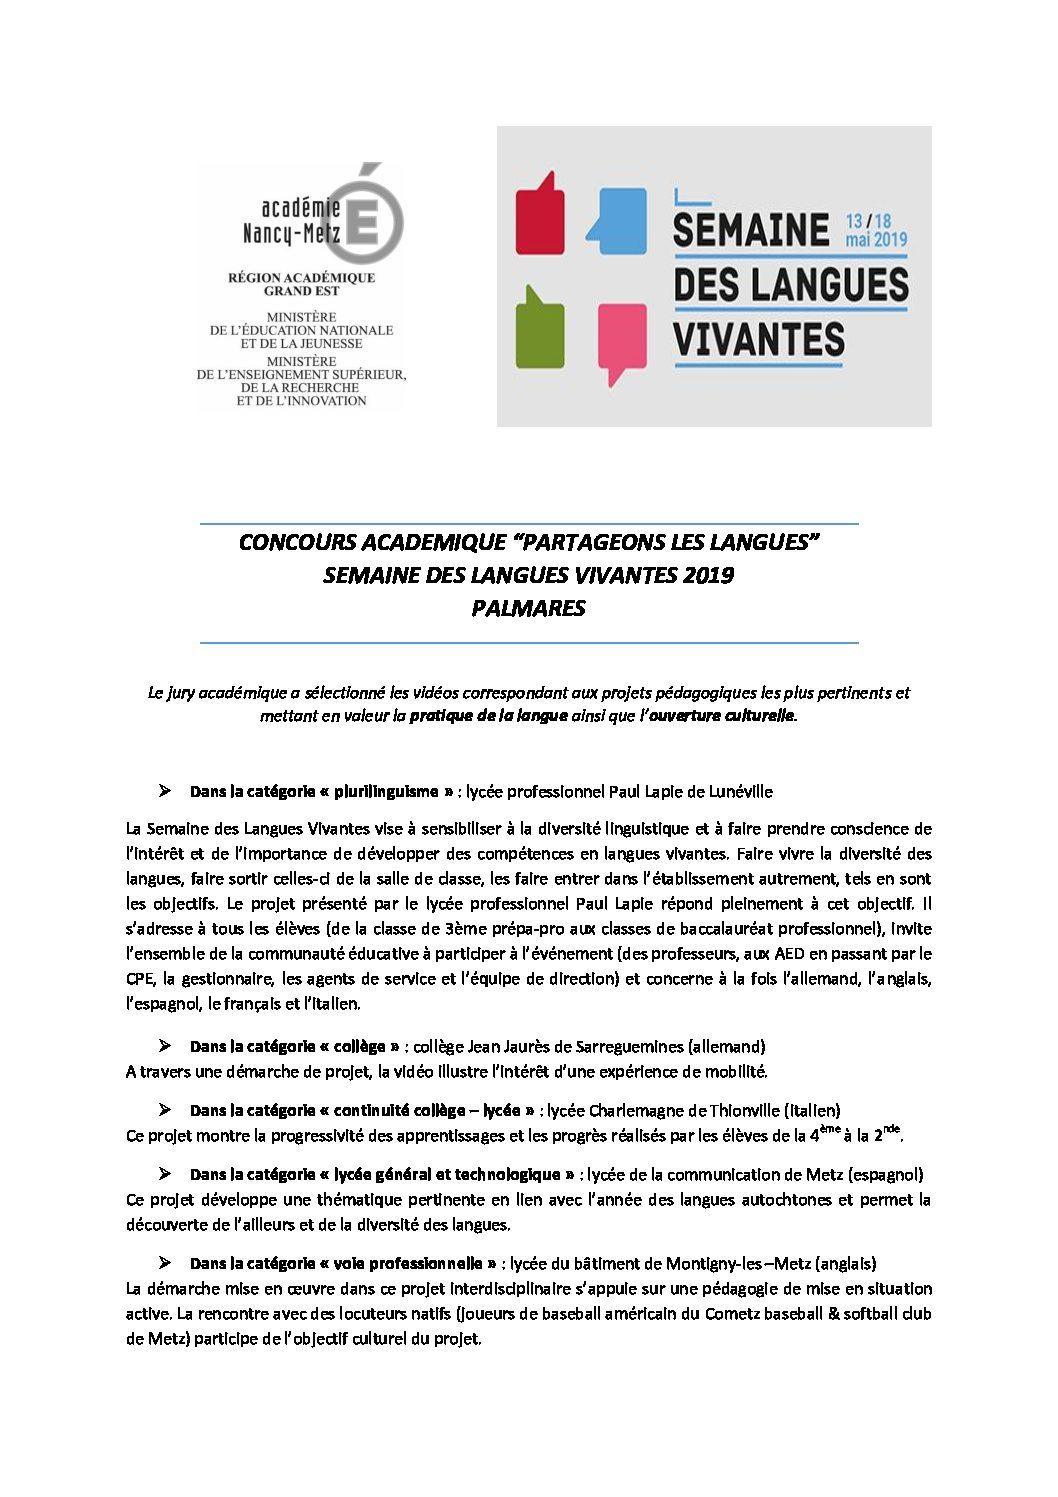 1er prix du concours «Partageons les langues»